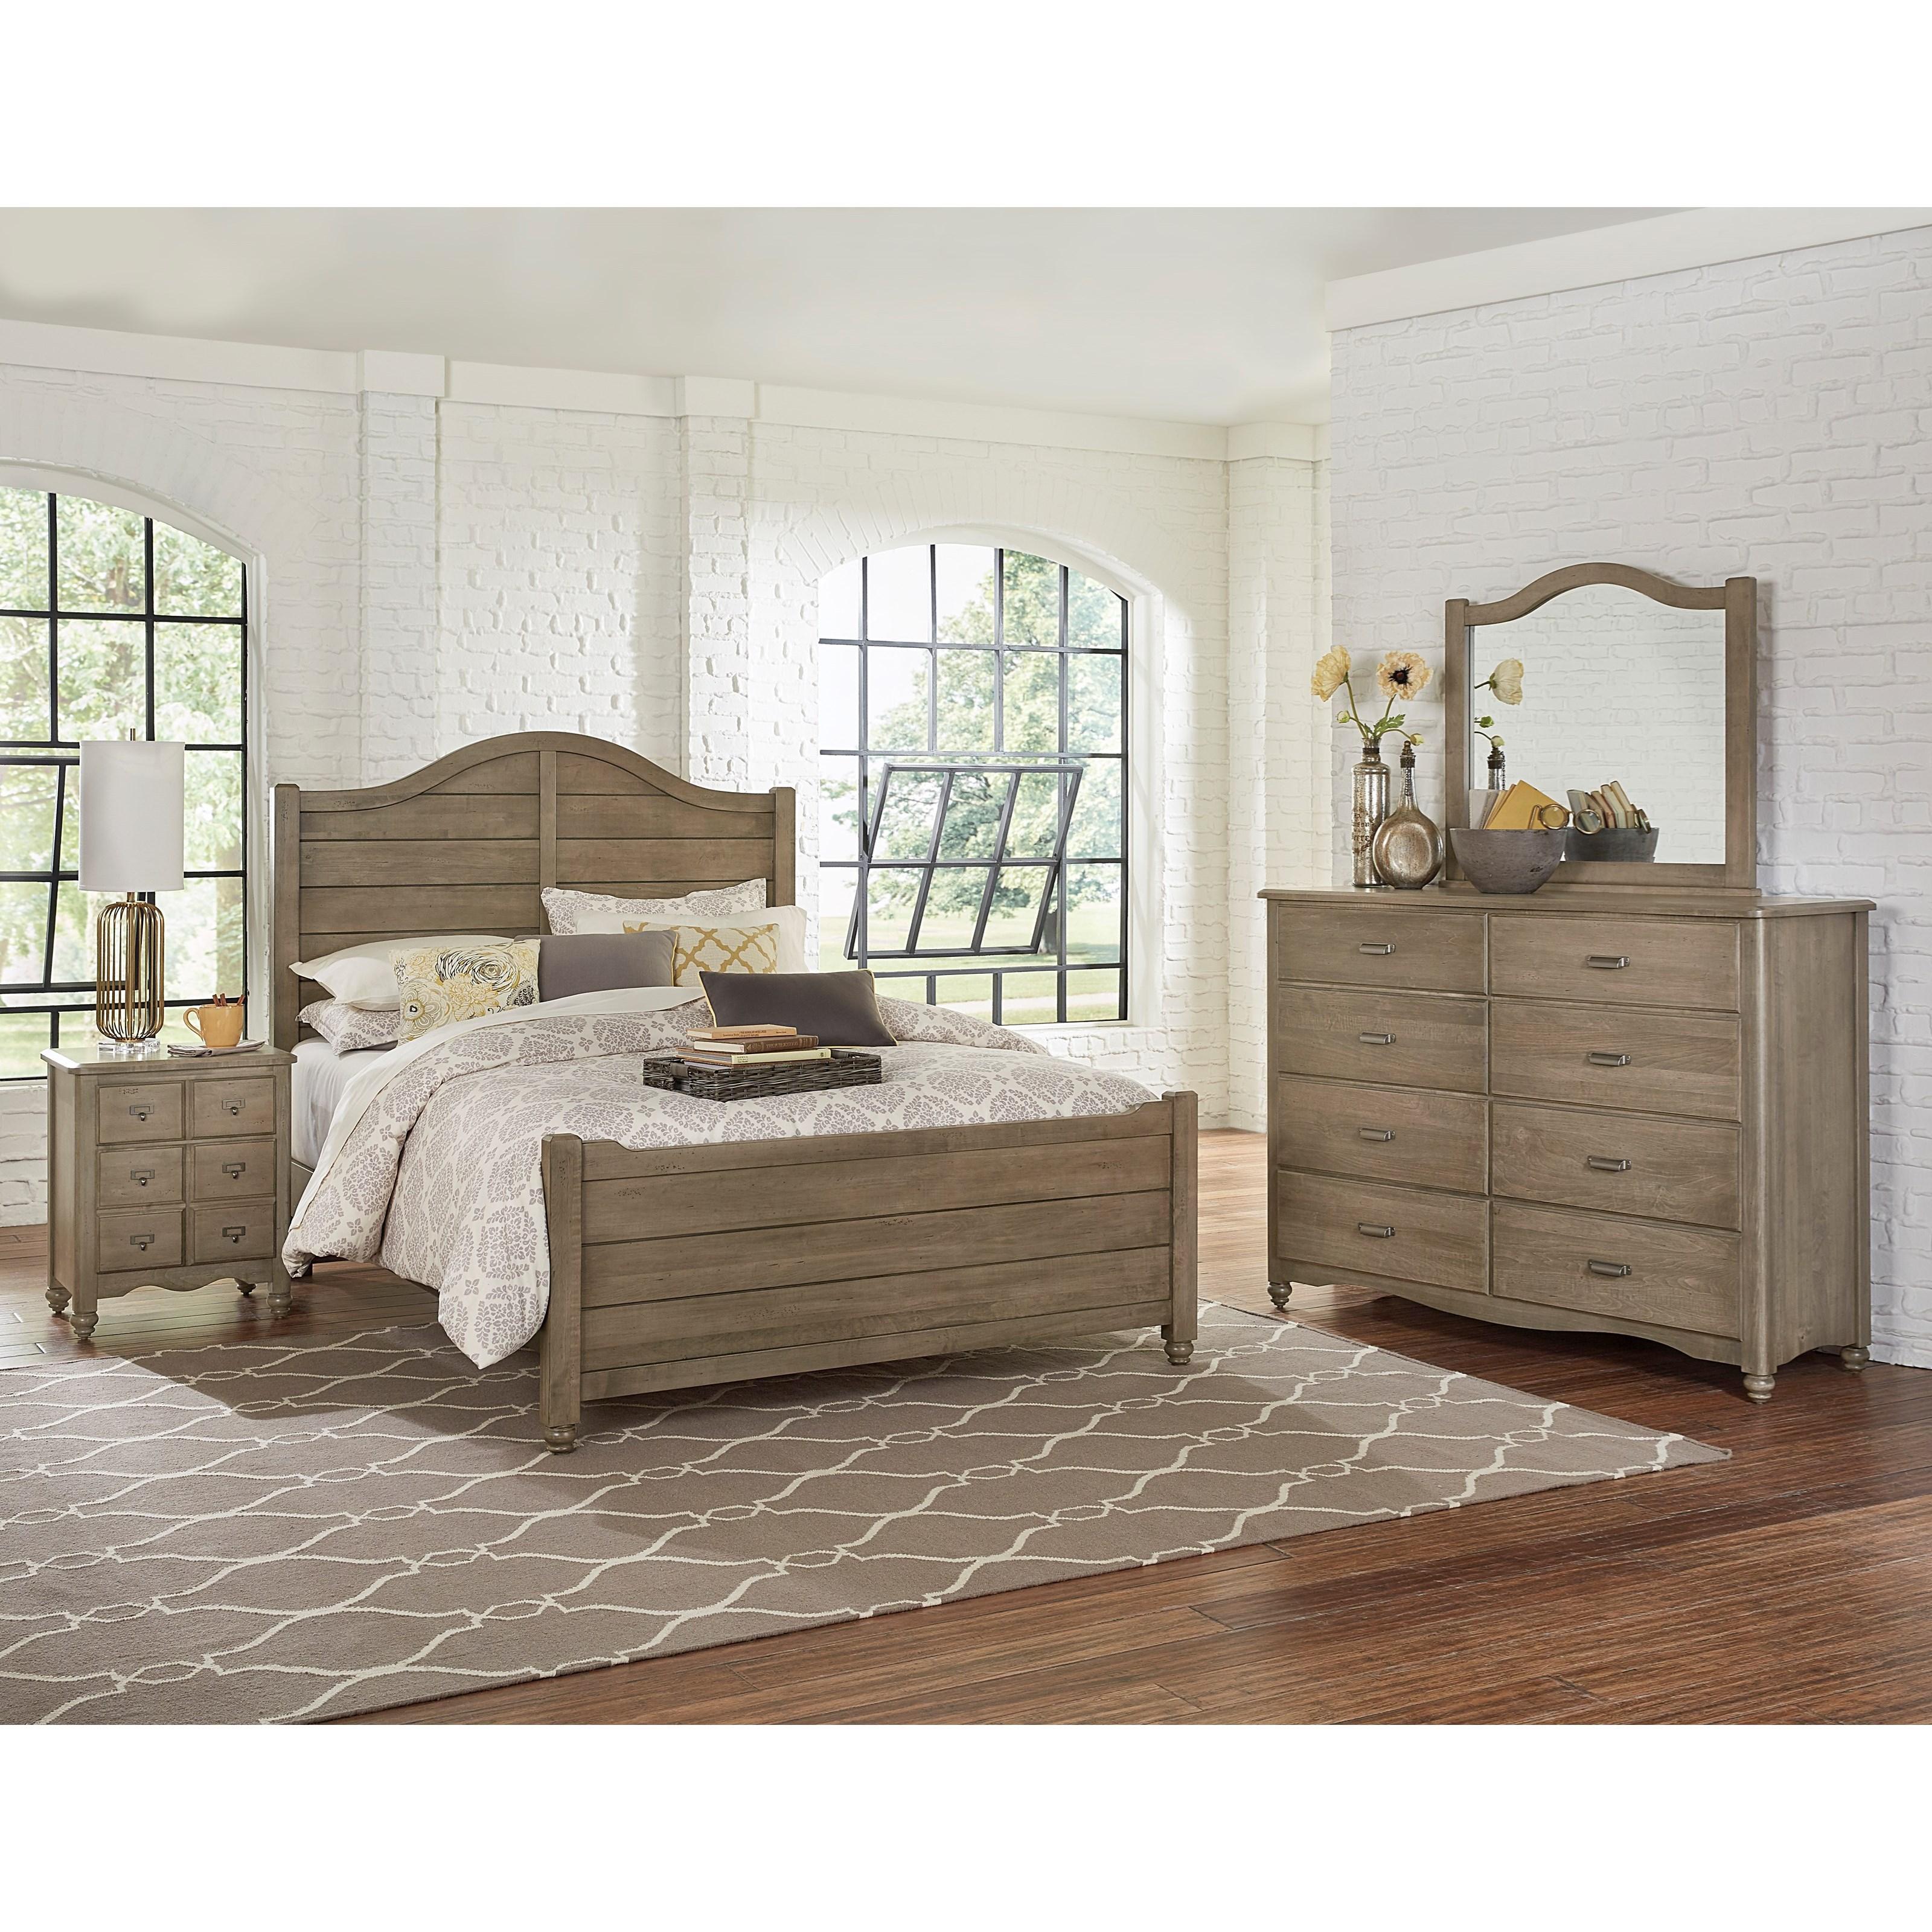 Vaughan Bassett American Maple King Bedroom Group - Item Number: 401 K Bedroom Group 2